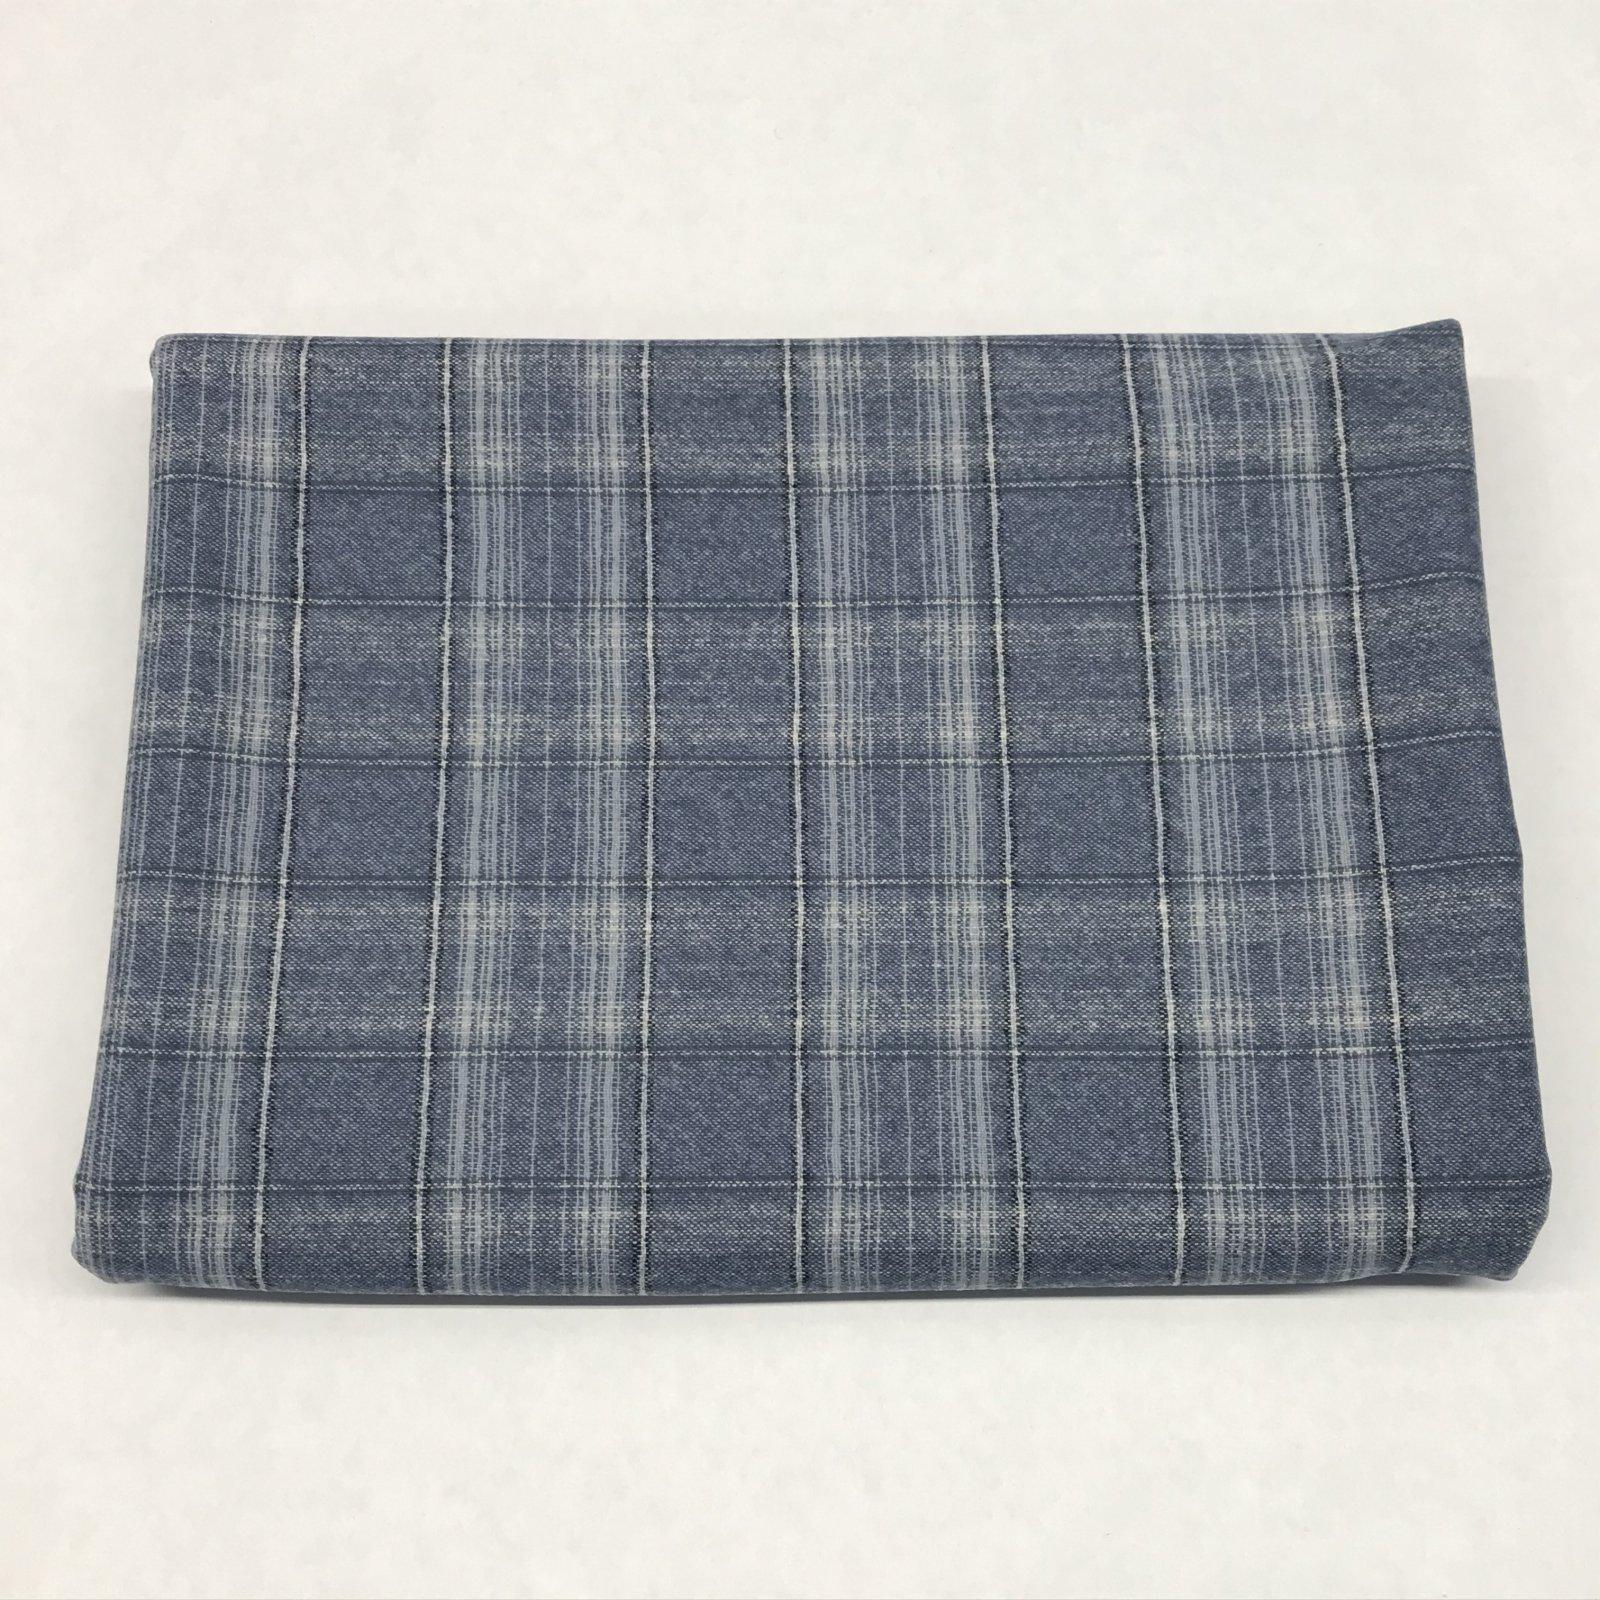 Pendleton (TM) Wool - 2 1/4 yard